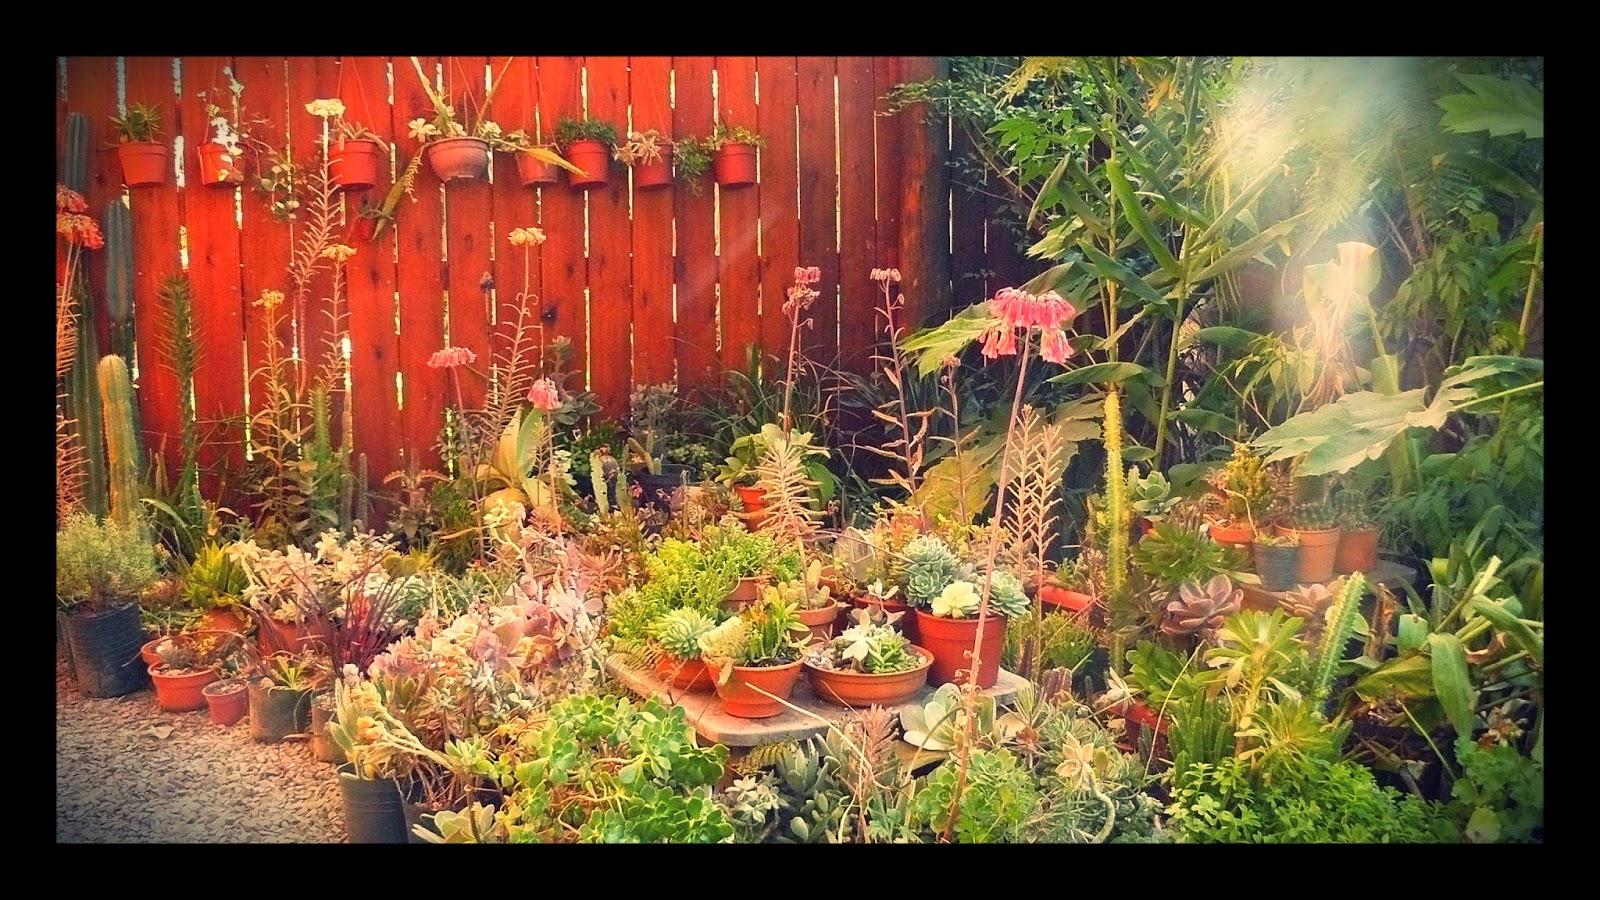 Jardines de cactus y suculentas - Jardines de cactus y suculentas ...